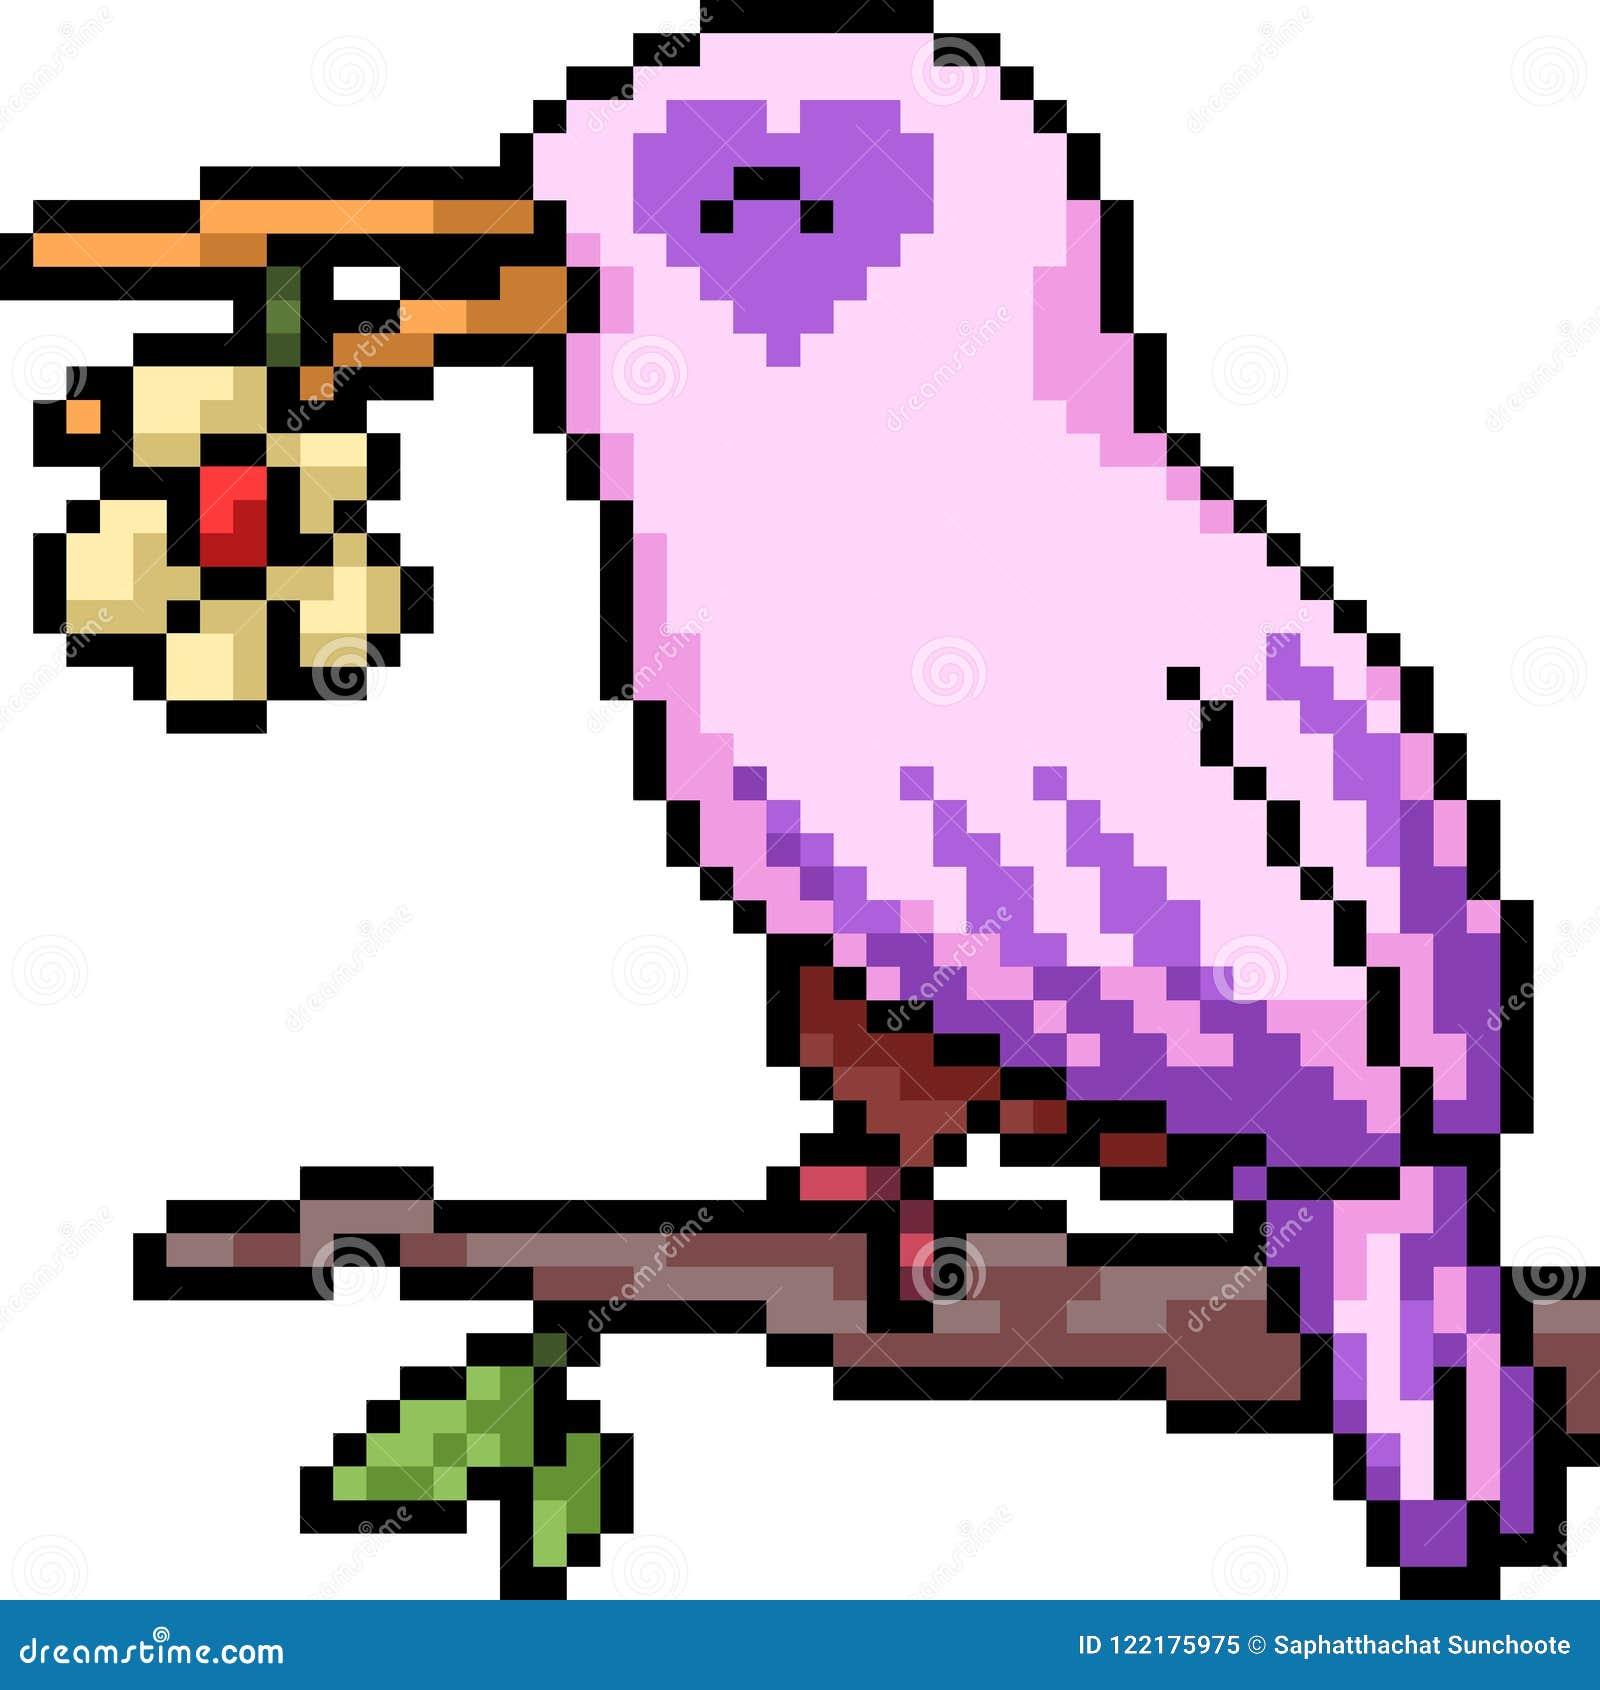 images?q=tbn:ANd9GcQh_l3eQ5xwiPy07kGEXjmjgmBKBRB7H2mRxCGhv1tFWg5c_mWT Pixel Art Bird @koolgadgetz.com.info